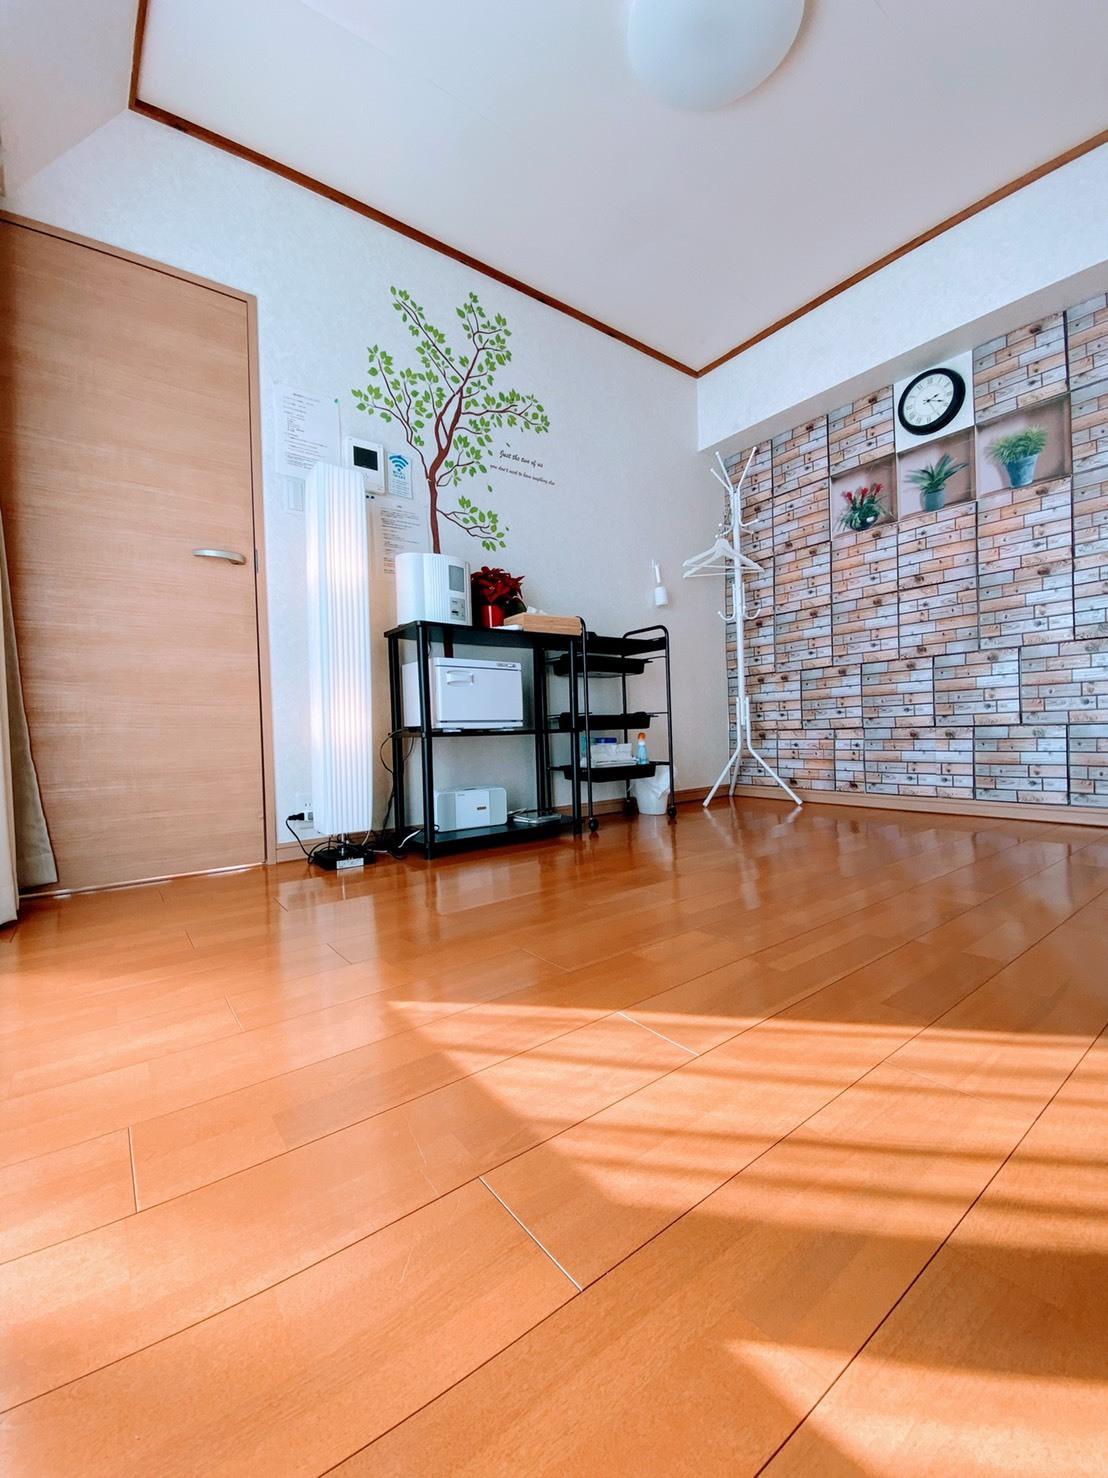 レンタルスペース ミディ蒲田店 レンタルサロン、レンタルスペースの室内の写真